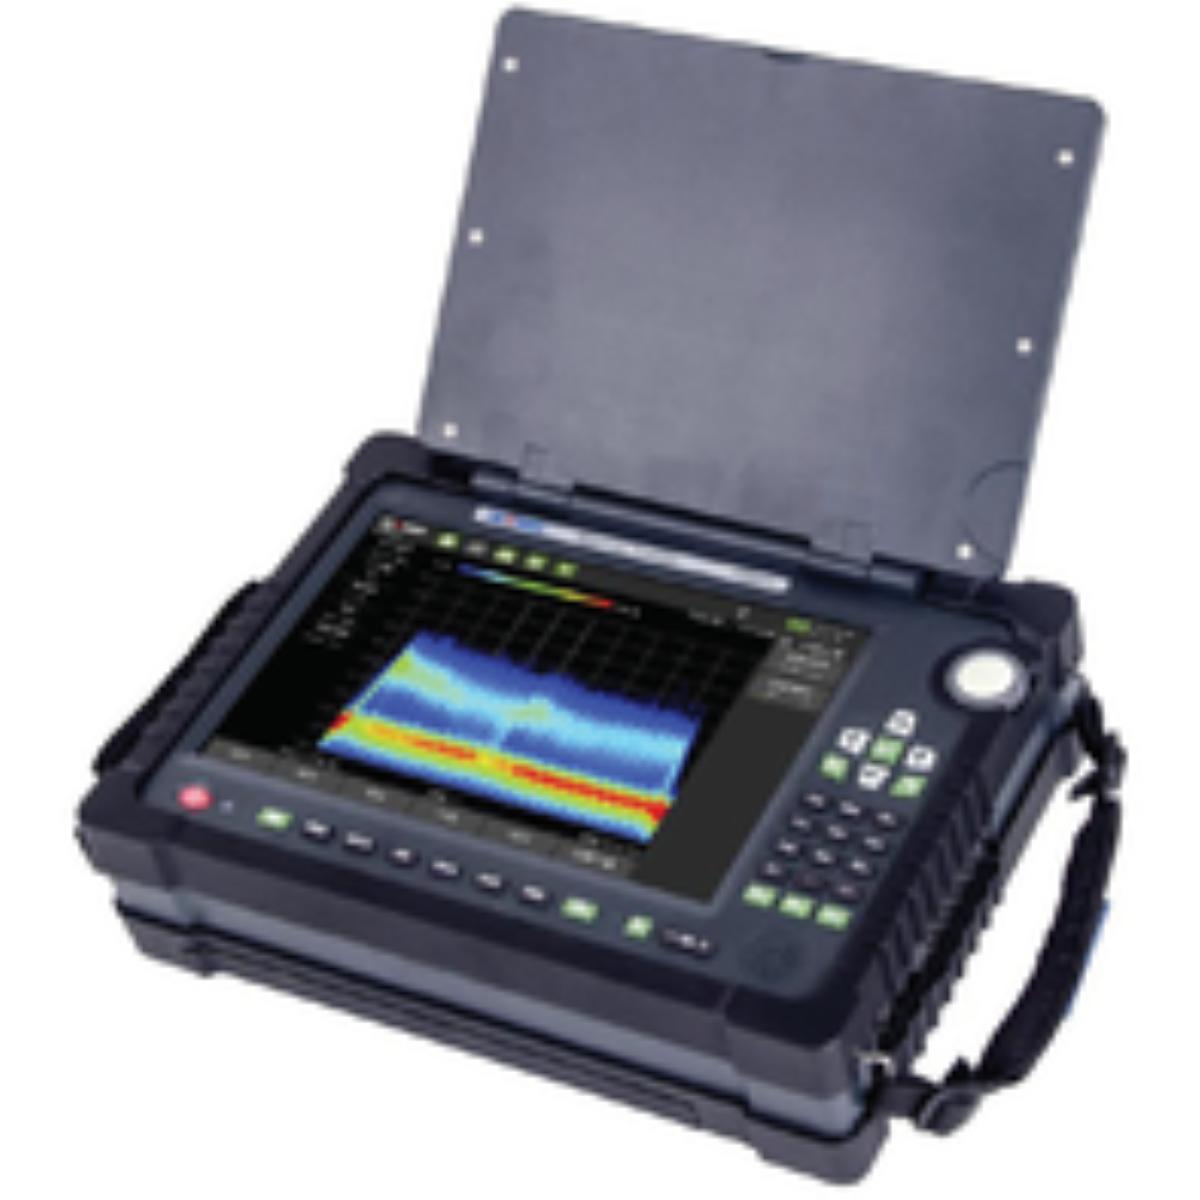 Analizador de espectro portátil 5G Deviser E8900A 9 kHz a 9 GHz